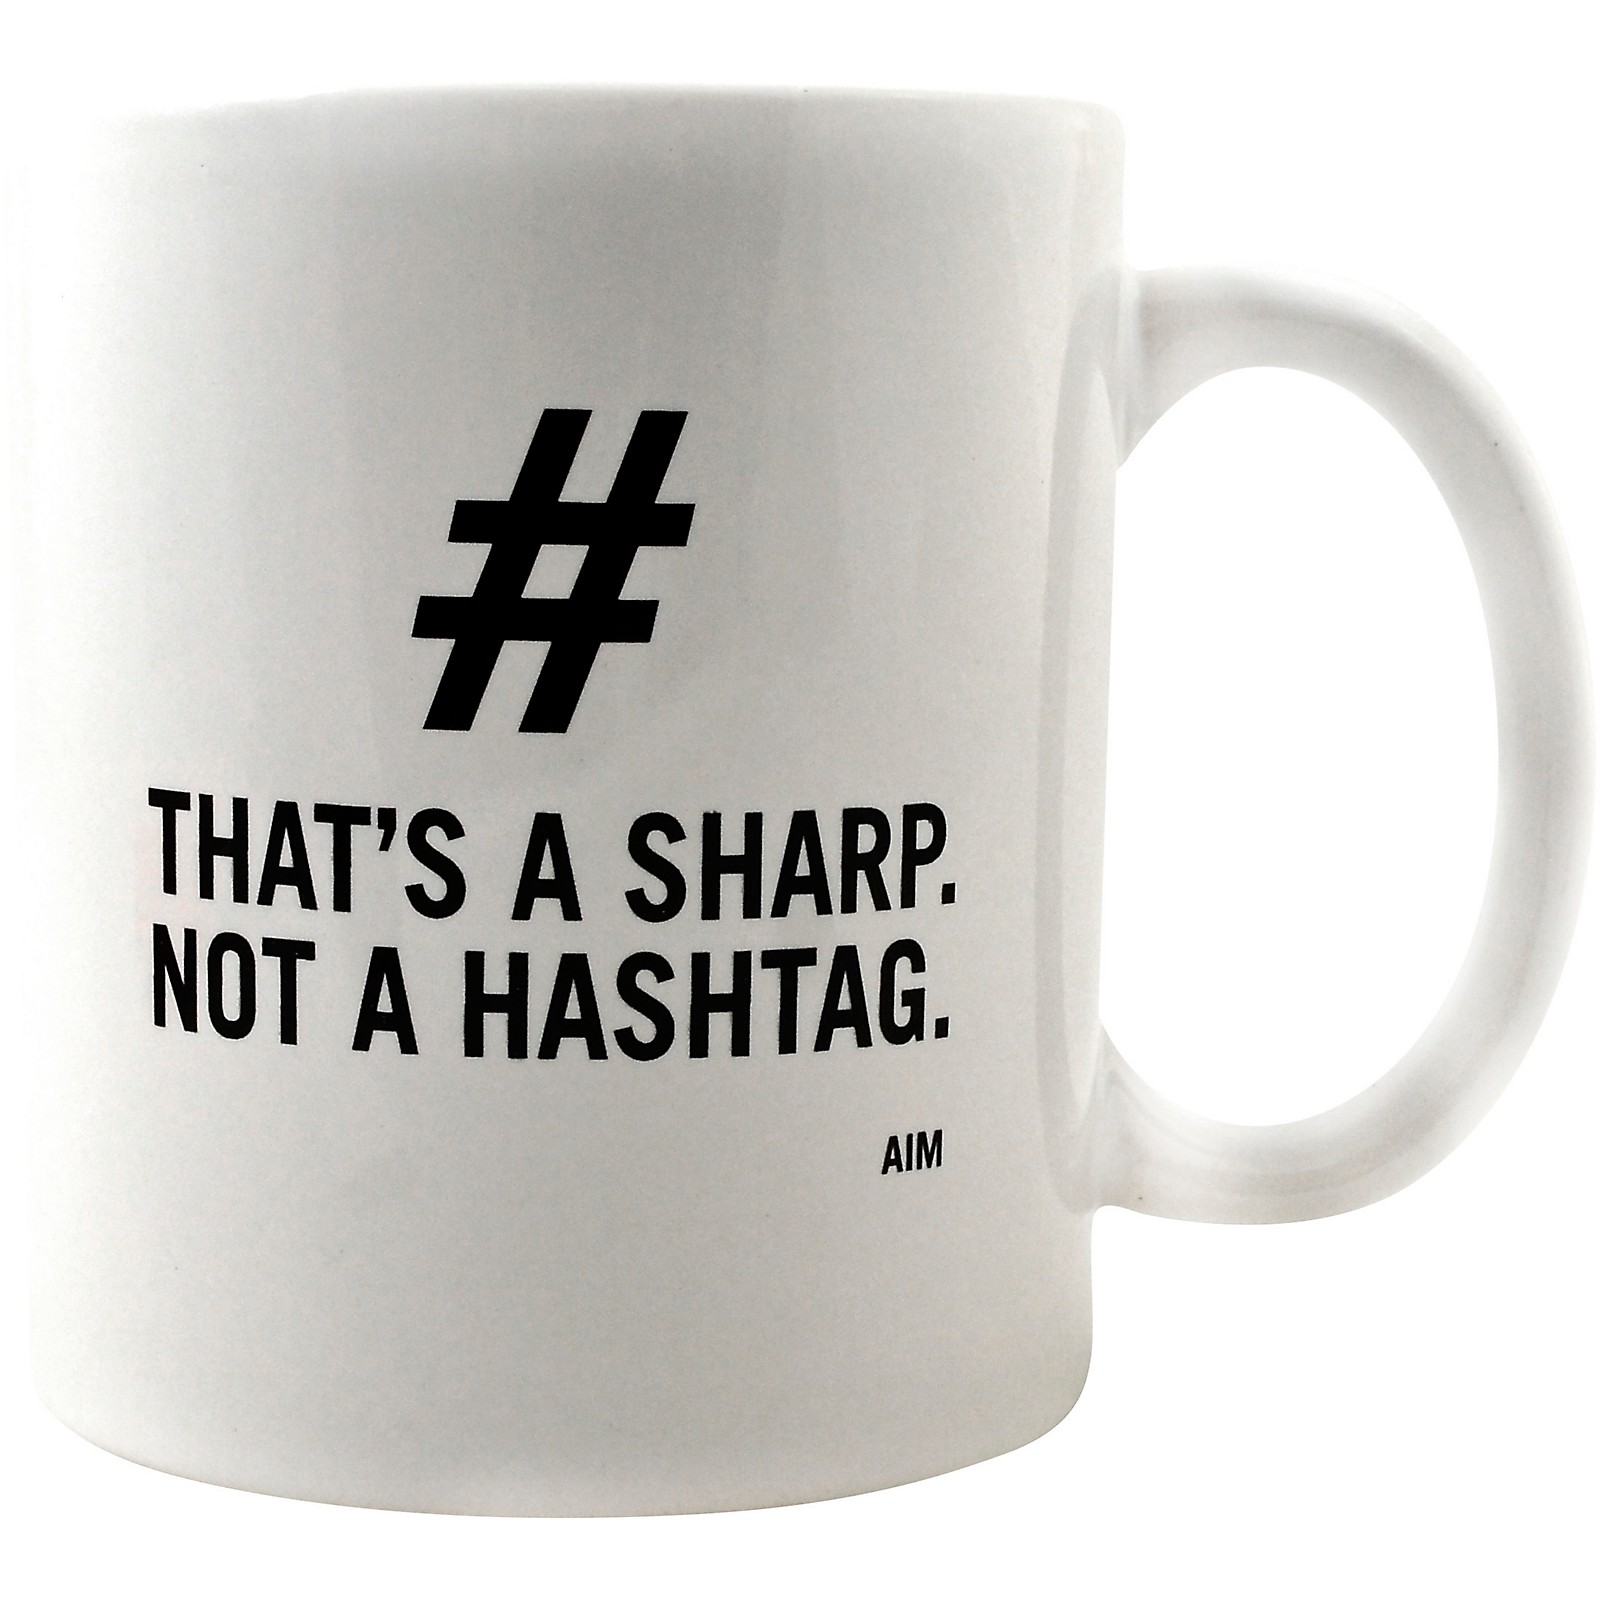 AIM That's a Sharp. Not a Hashtag. Mug